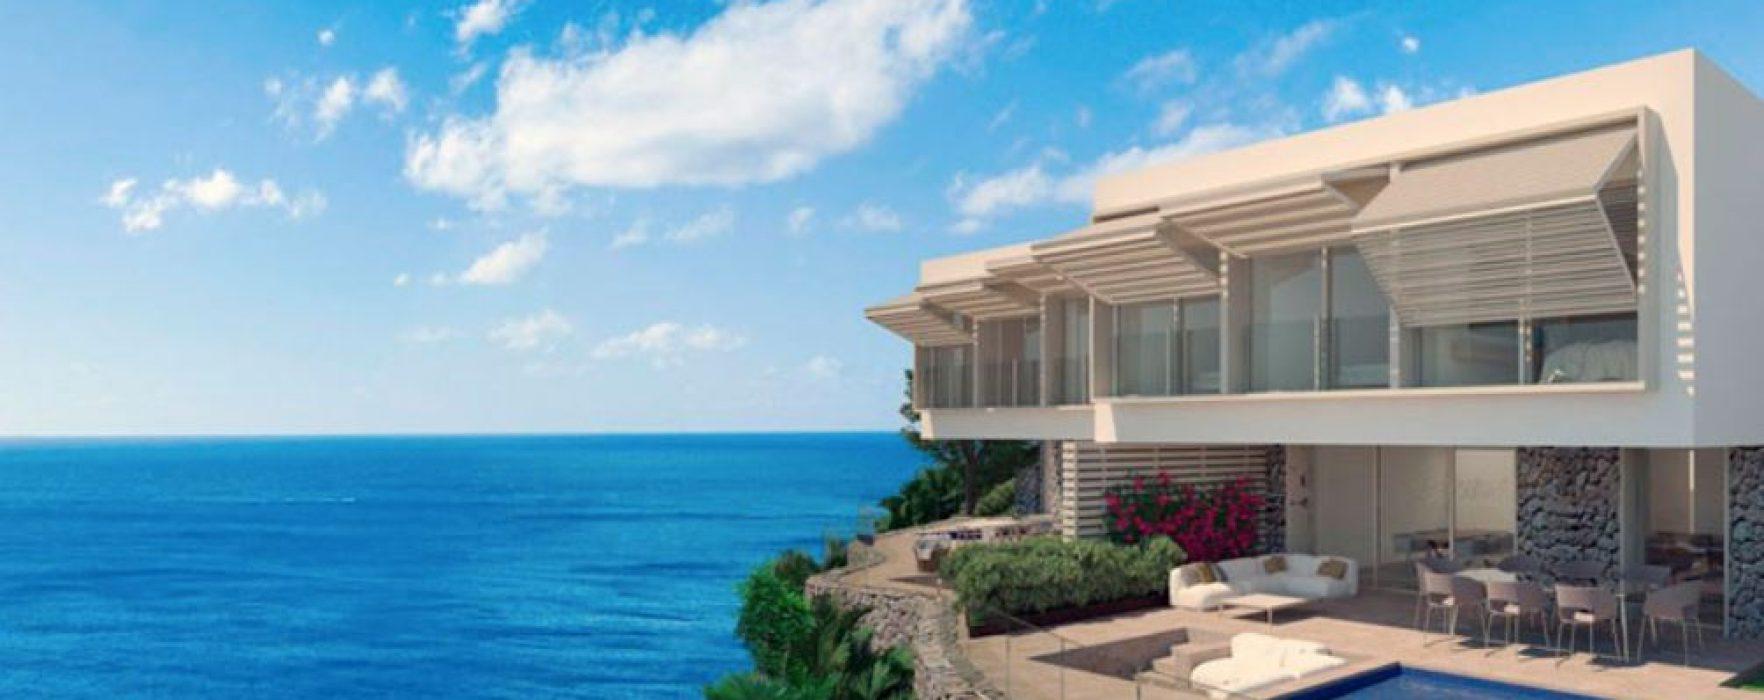 Espectaculares vistas al mar Mediterráneo desde tu chalet en Mallorca